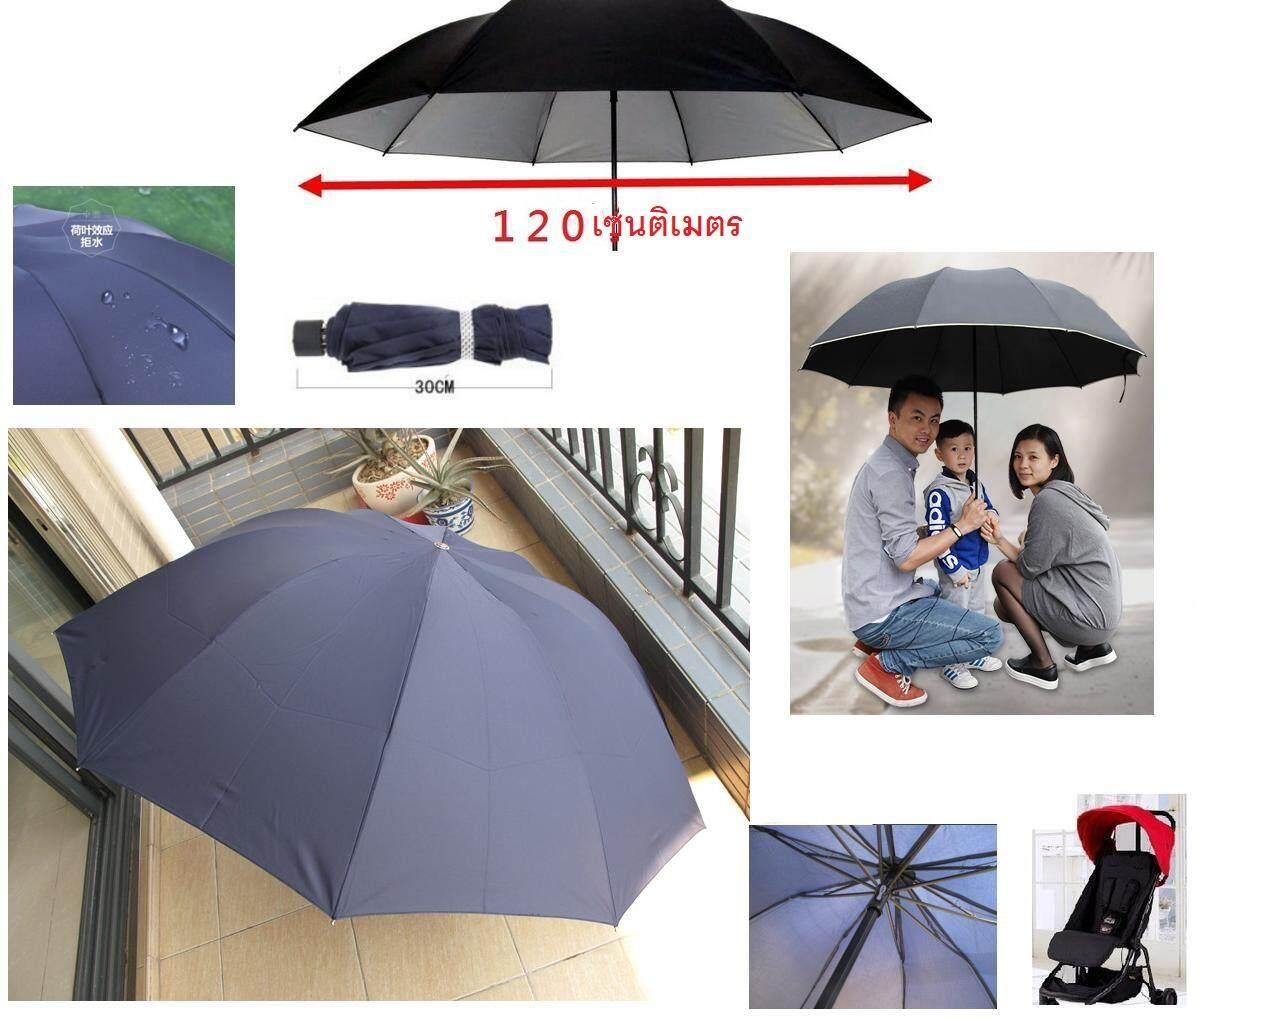 สินค้าพร้อมส่งร่มUnisex 120ซม.แบบพกพาขนาดใหญ่ เปิดปิดแบบ อัตโนมัติ ป้องกัน UV แดดฝนร่มกลางแจ้ง ทนทาน แข็งแรง